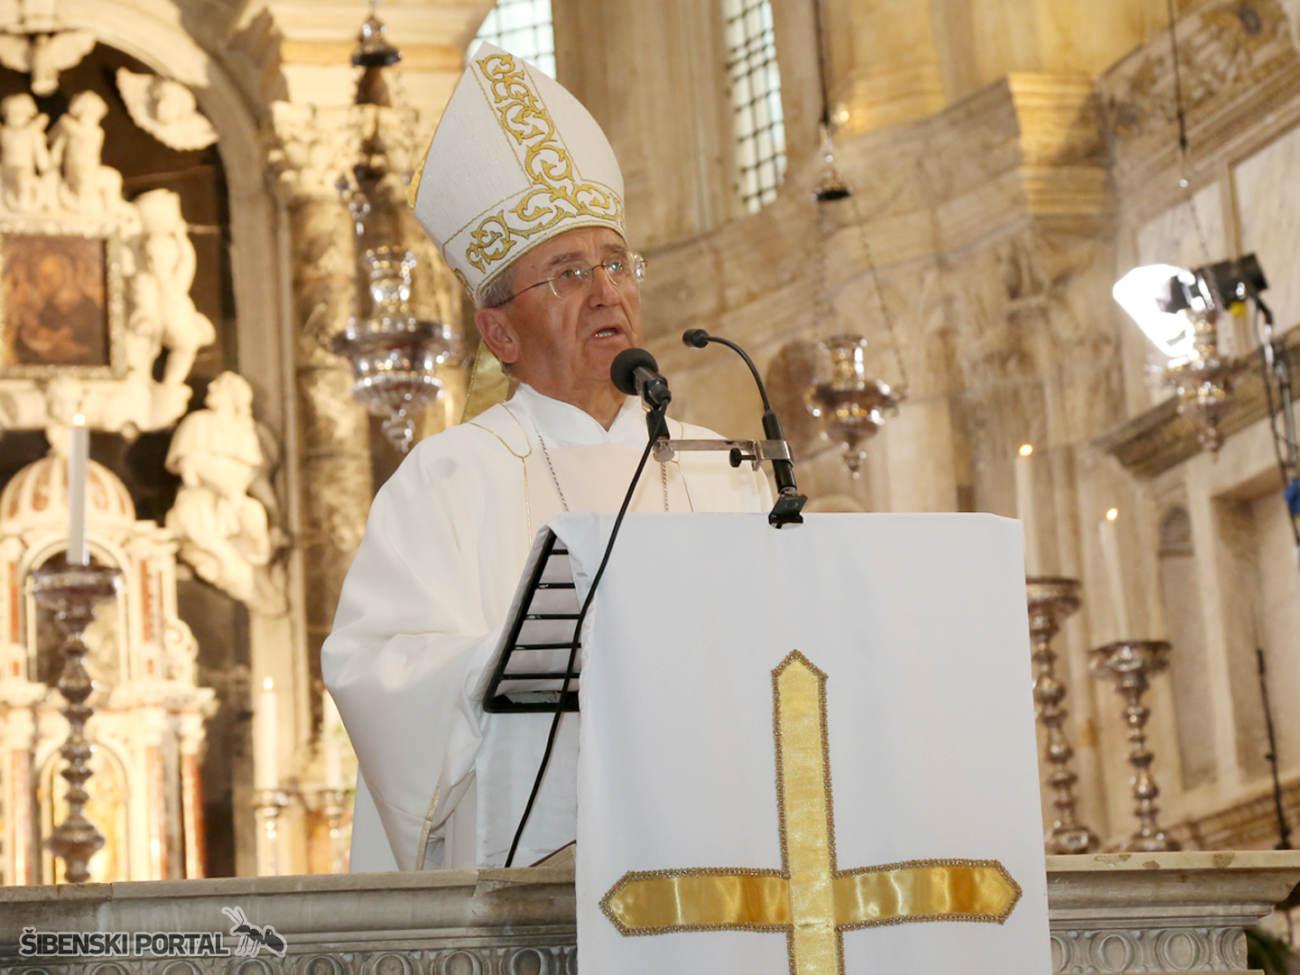 zaredenje biskupa tomislava rogica puljic 250716 1